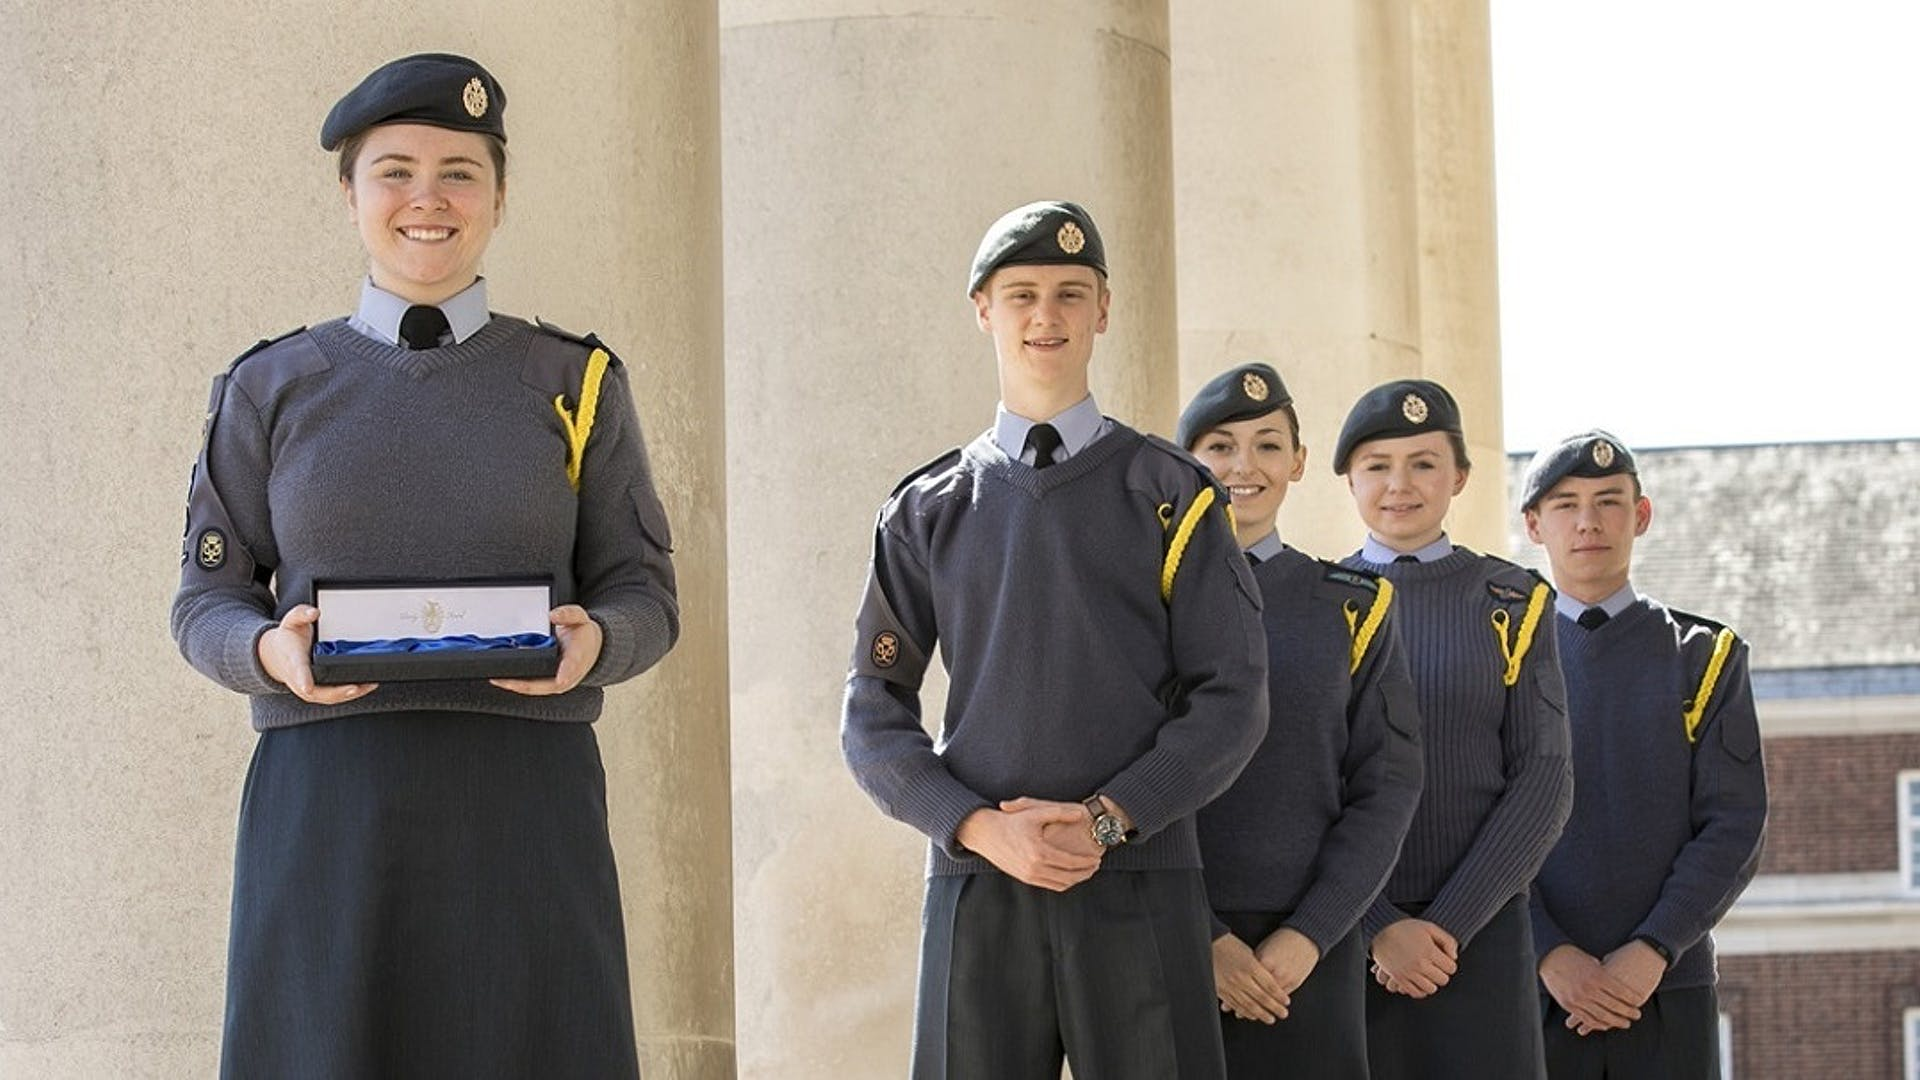 RAF cadet winner web 1